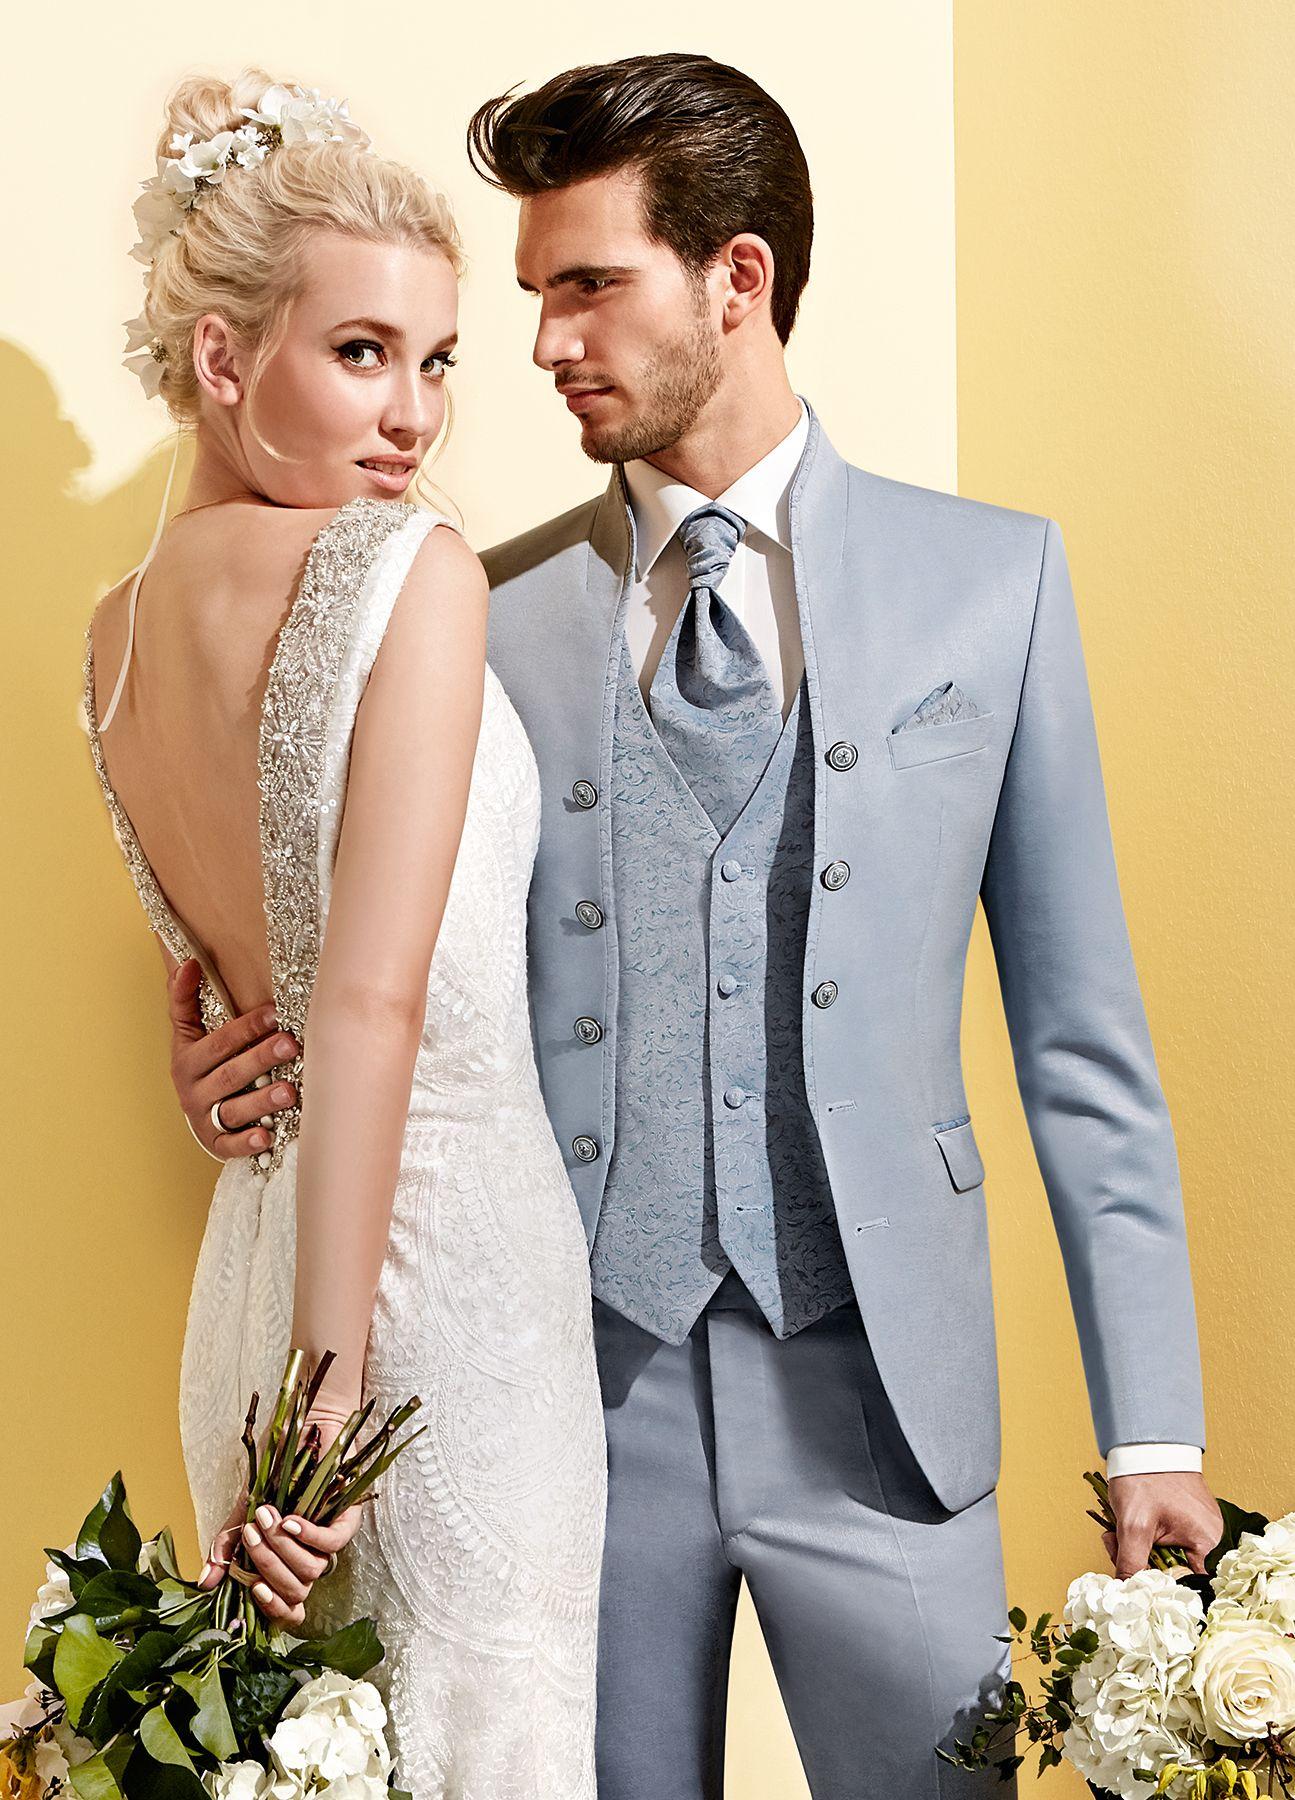 Tziacco Wilvorst Anzug Suit Royal Trendline Hochzeitsavantgarde Uniform Jungemode Event Konzert Gala Gehro Anzug Hochzeit Brautigam Mode Brautigam